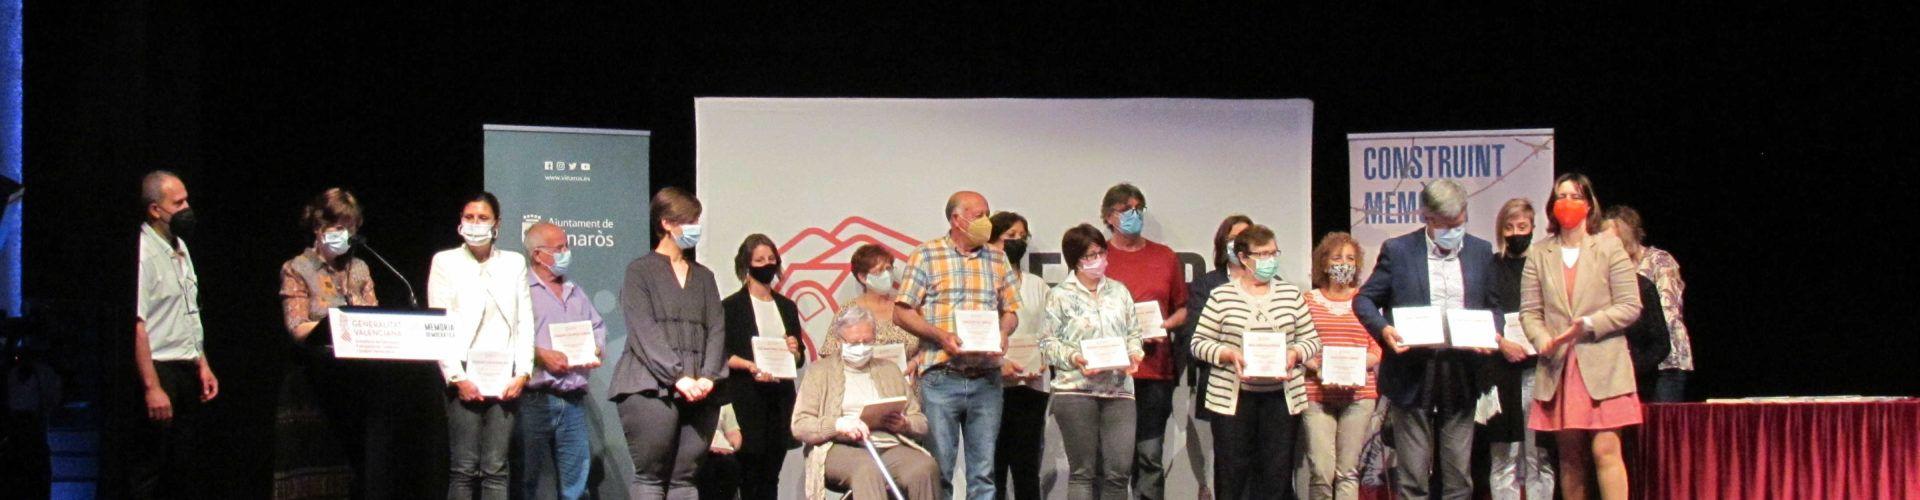 La consellera Pérez Garijo ret homenatge a Vinaròs a 36 persones del Baix Maestrat, víctimes de l'Holocaust